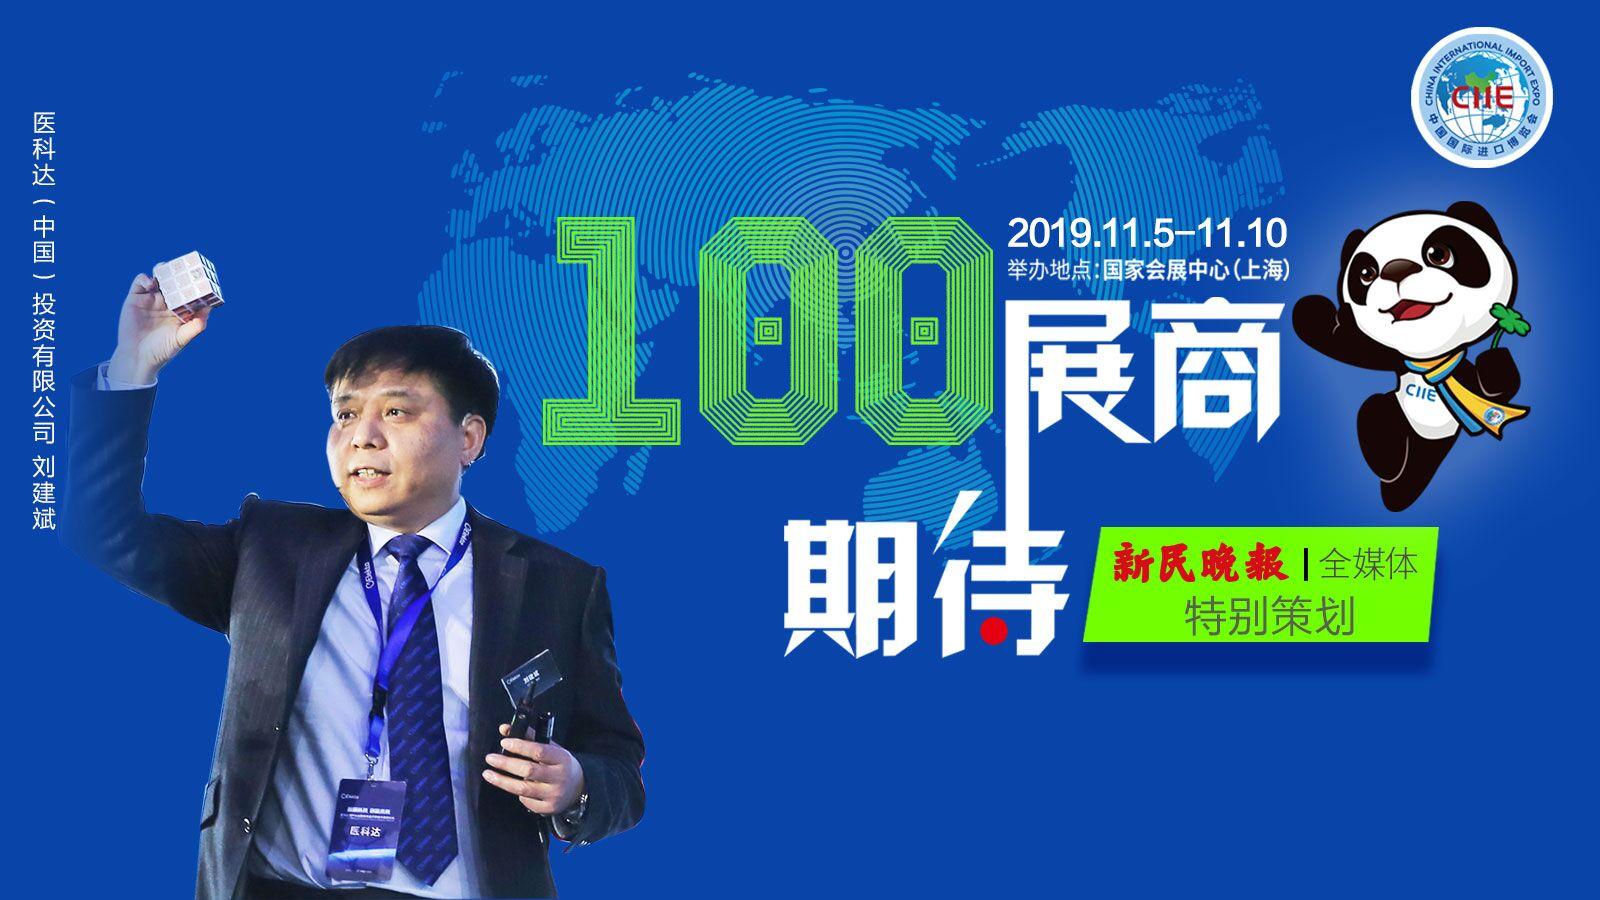 100展商100期待 | 医科达:立足中国本土化 造福更多肿瘤患者